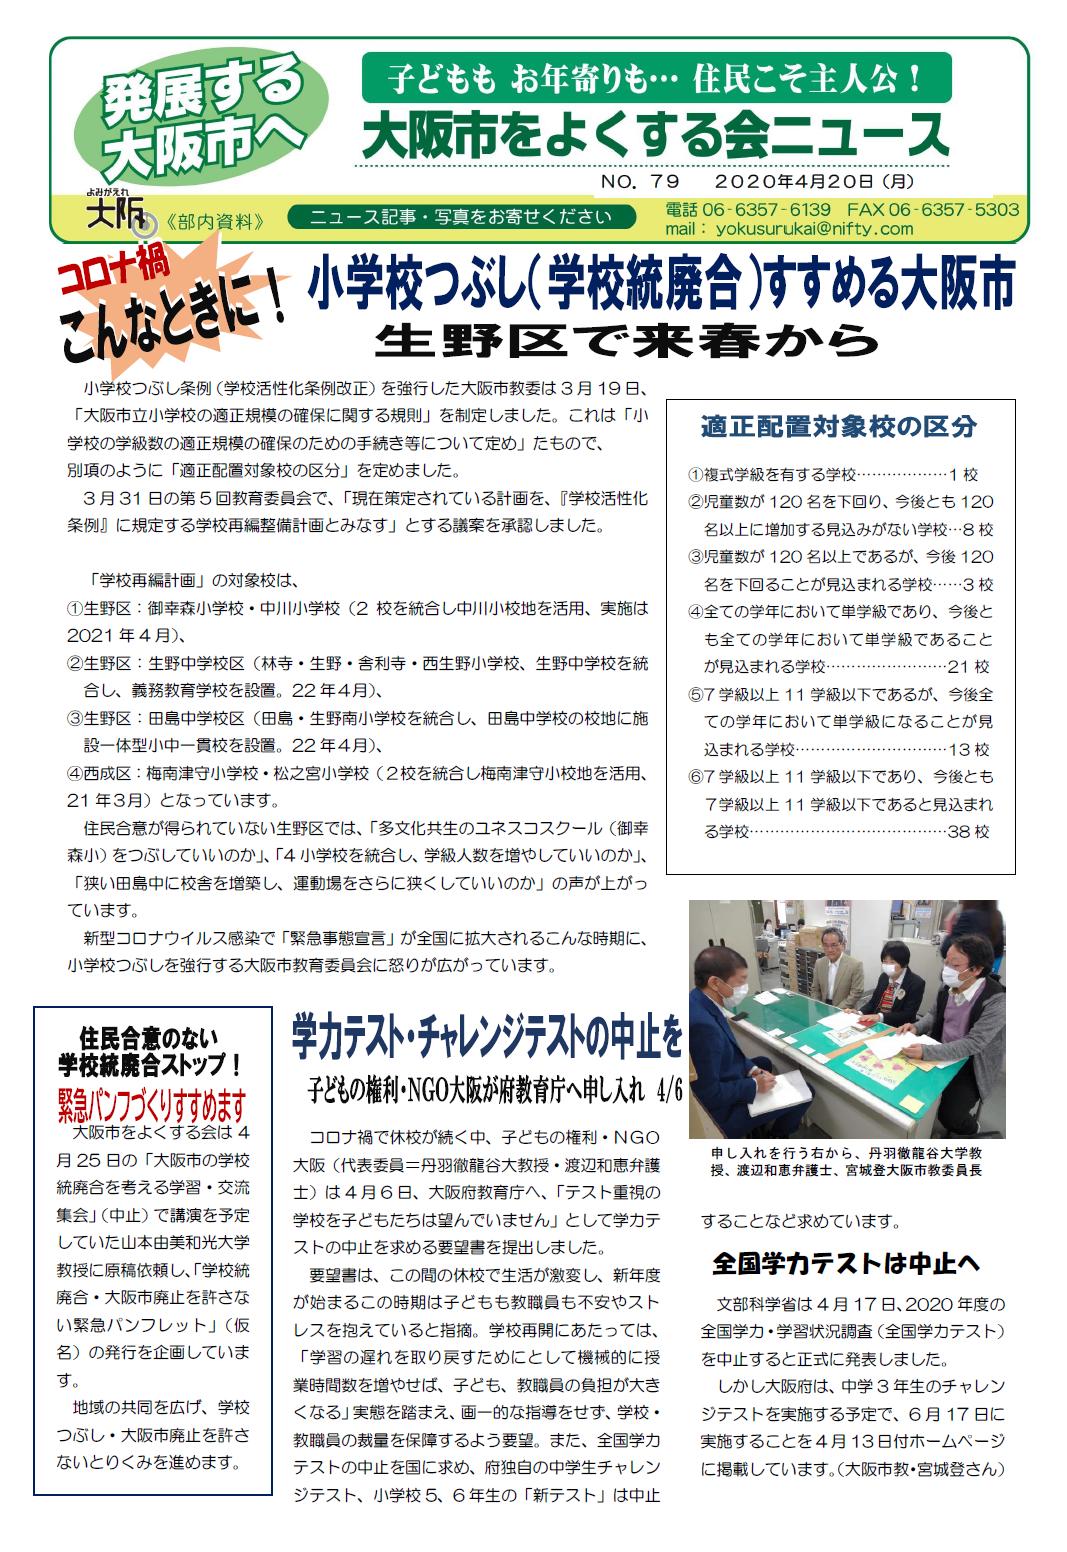 「大阪市をよくする会ニュース」No.79